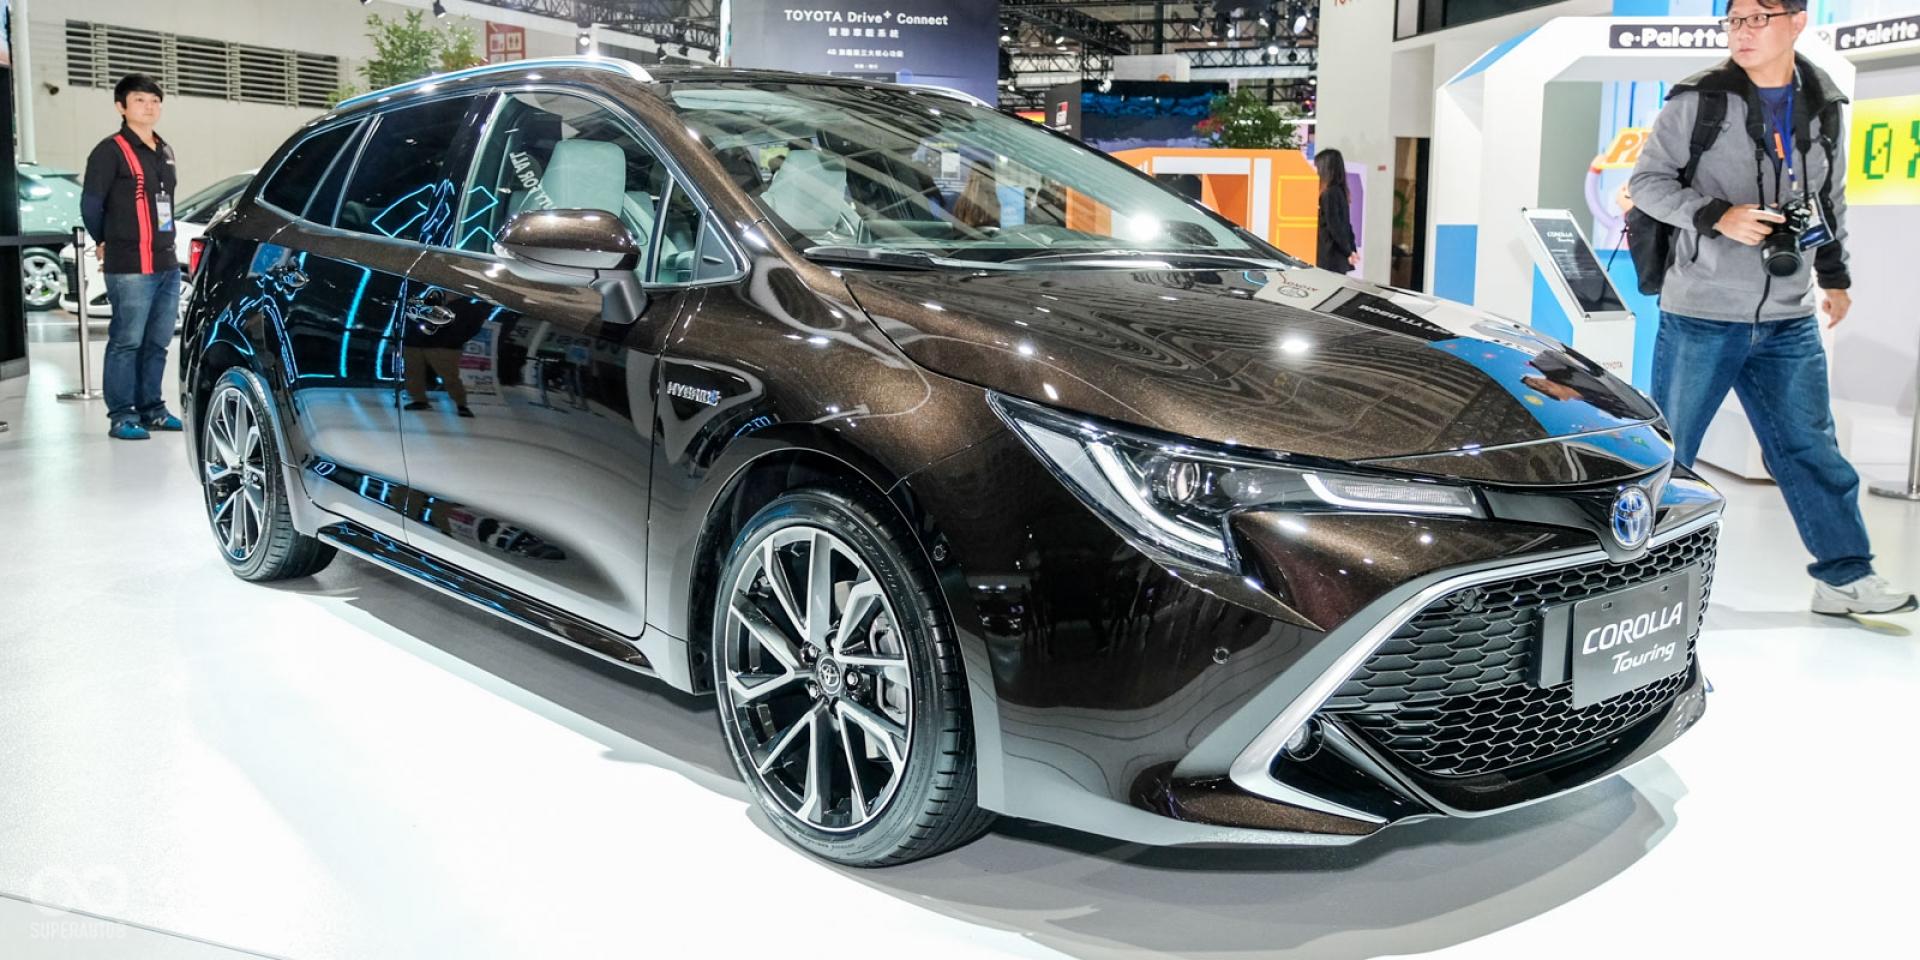 2020世界新車大展。Toyota Corolla Touring Sports、Altis GR Concept同步現身!